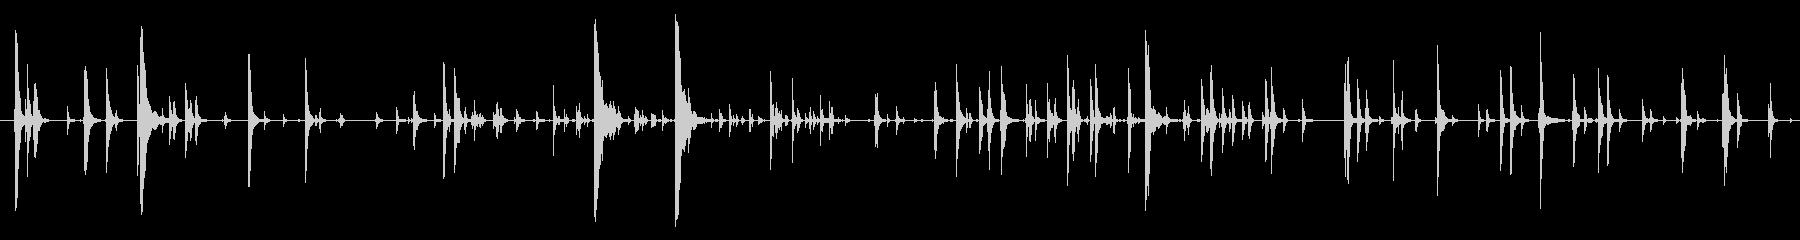 家庭 カップガラガラジングル02の未再生の波形